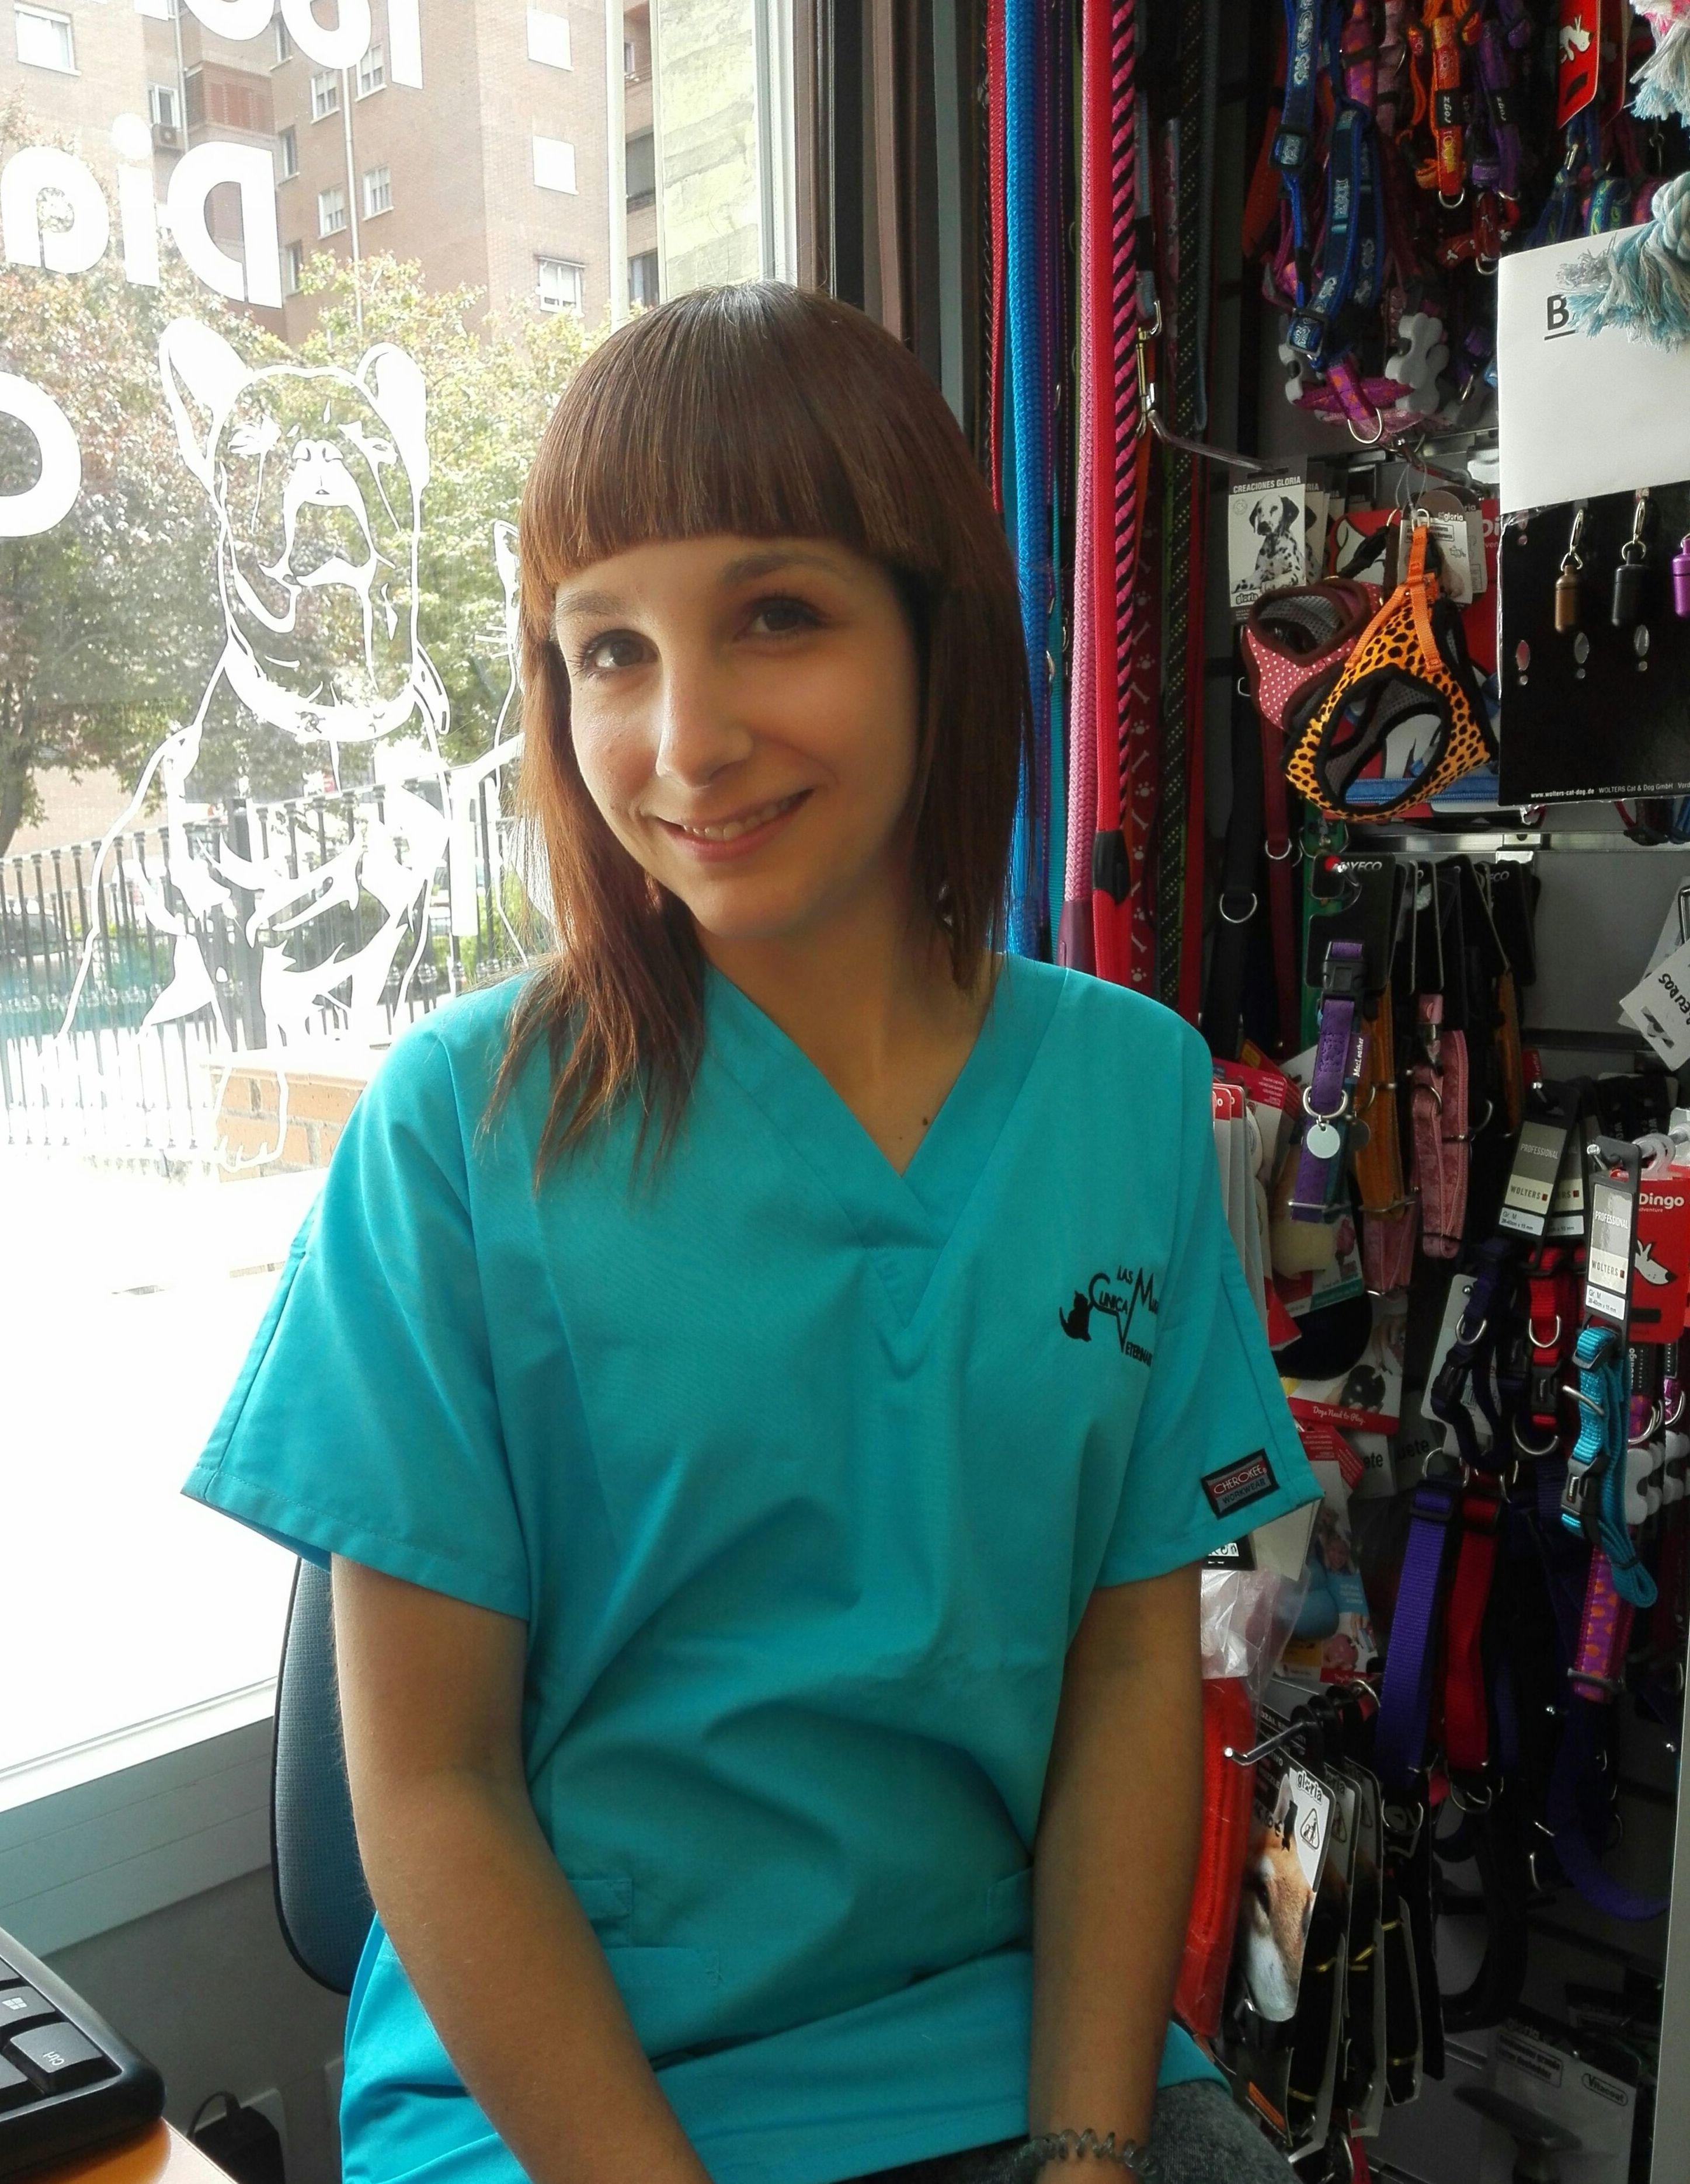 Eva .Auxiliar veterinaria y peluquera canina